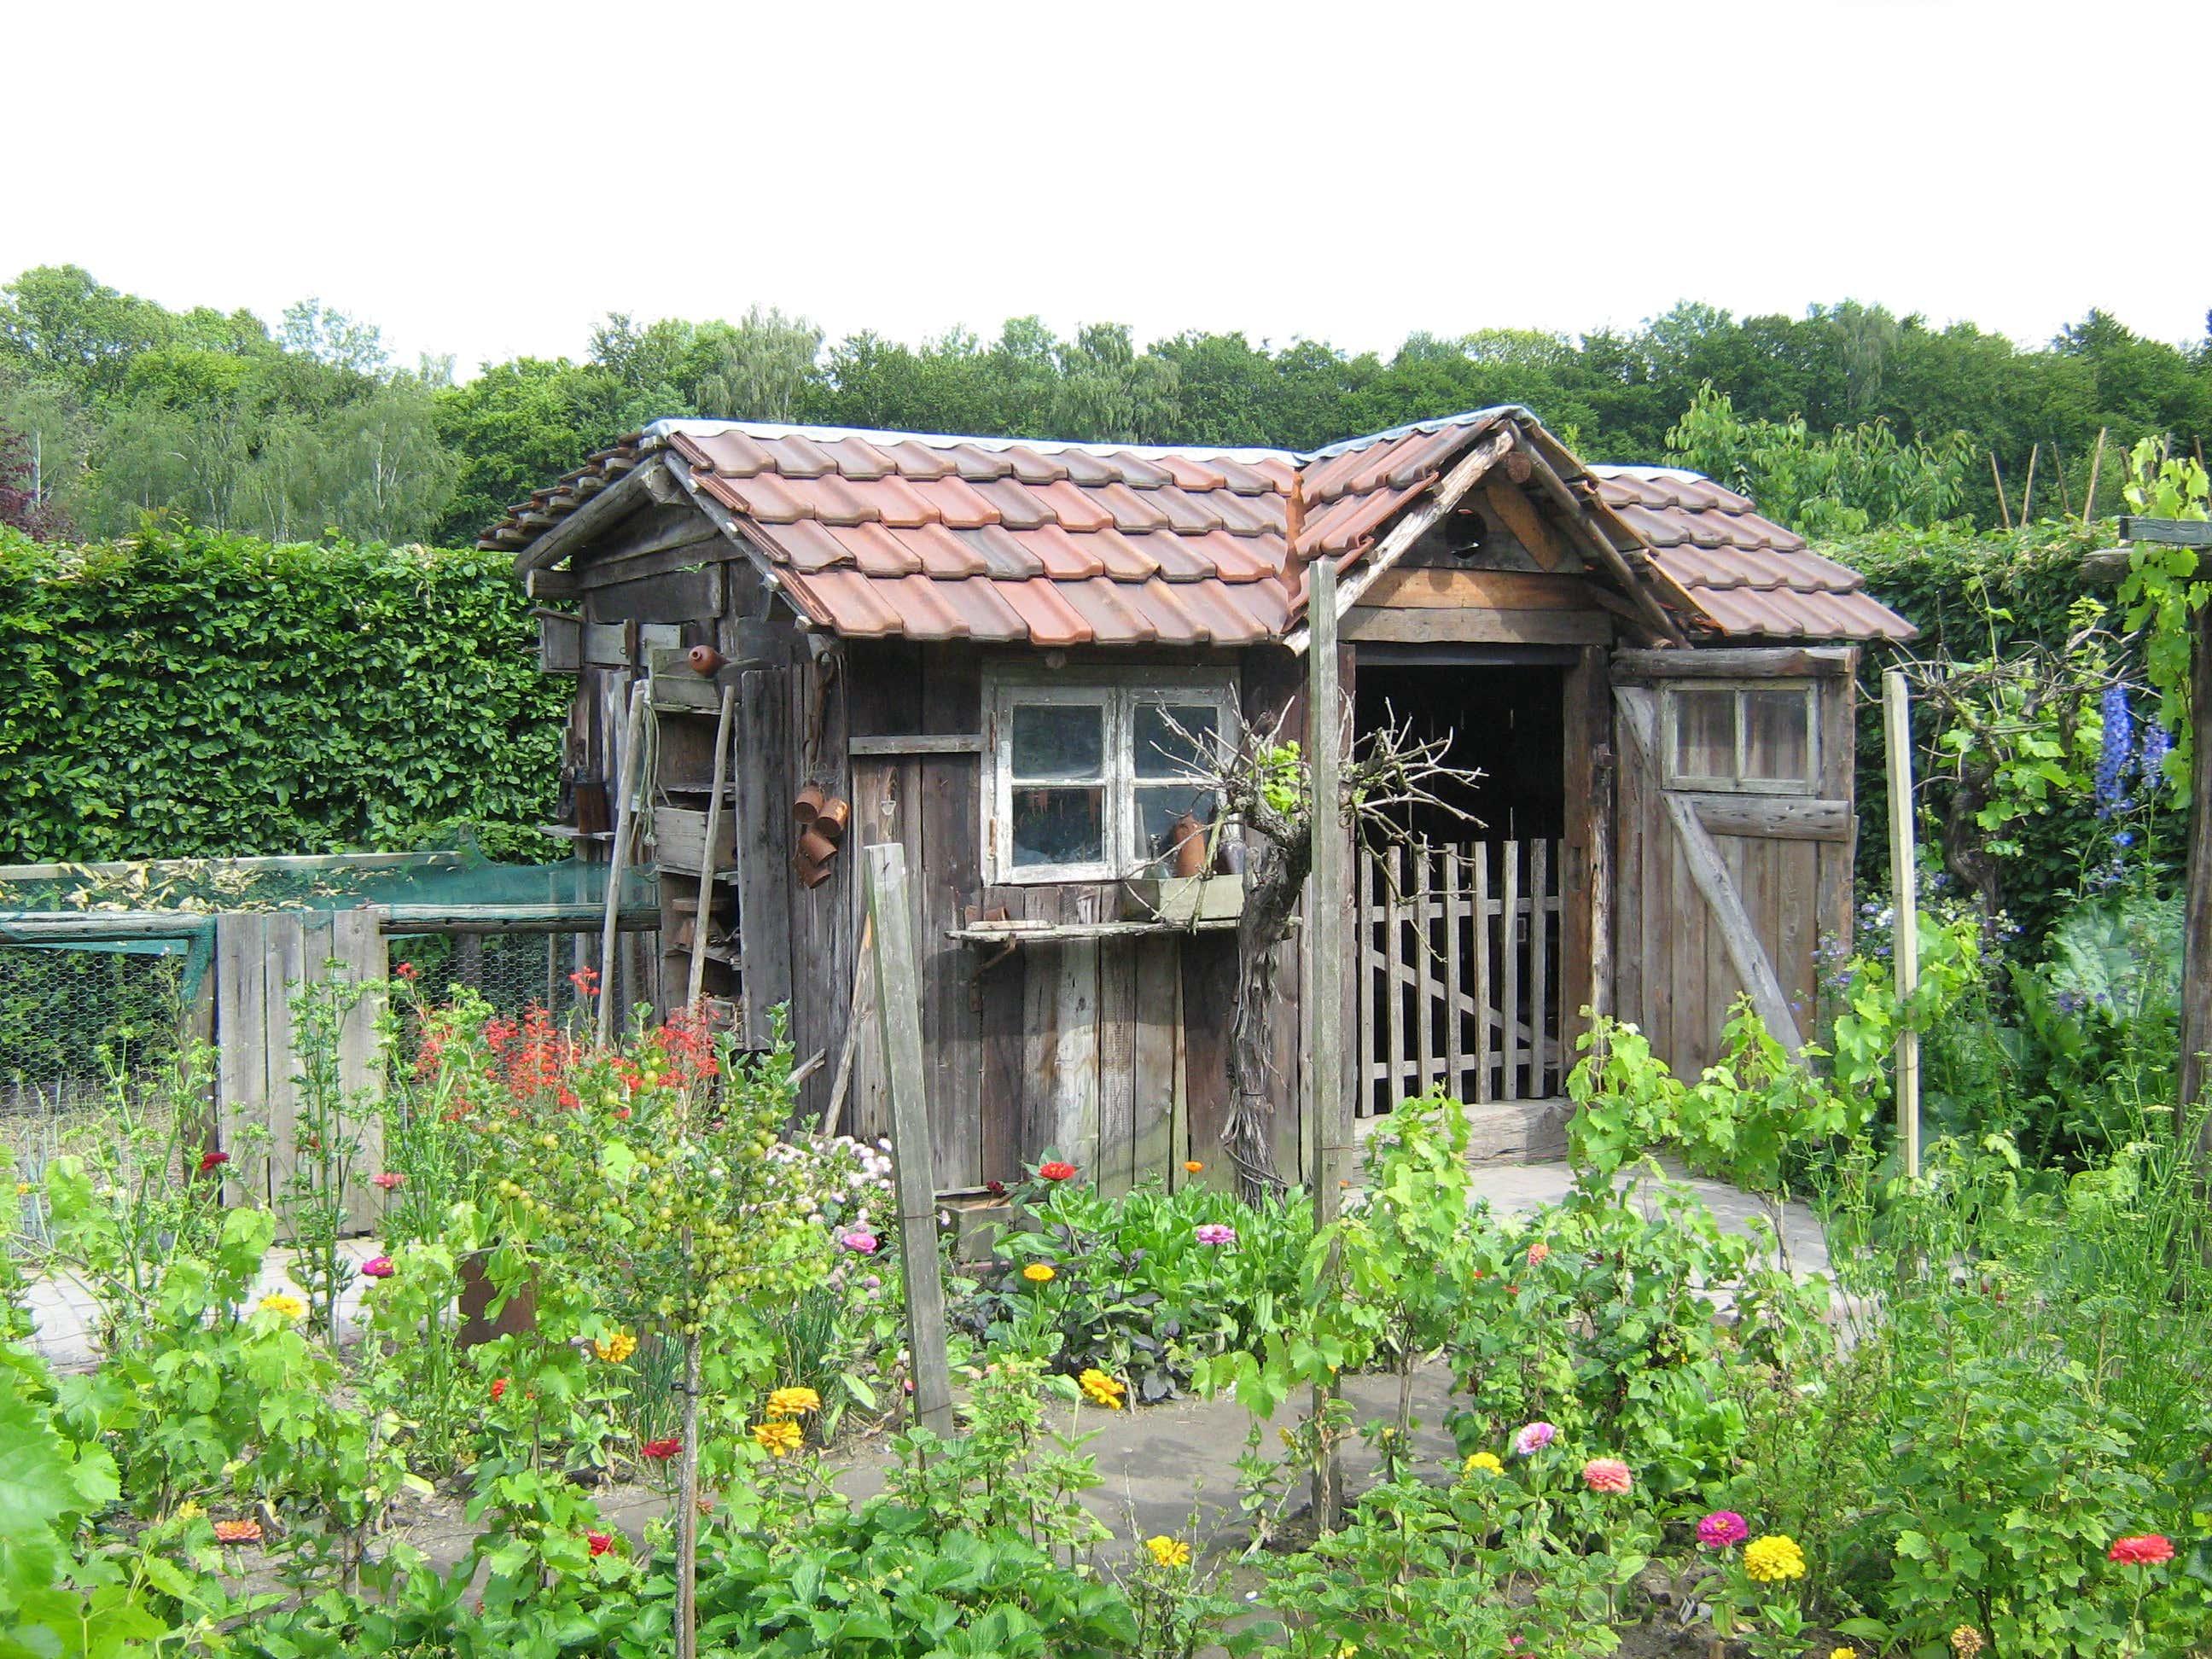 Gartenhaus Mit Fußboden Und Dach ~ Gartenhaus renovieren: so erneuern sie anstrich und dach